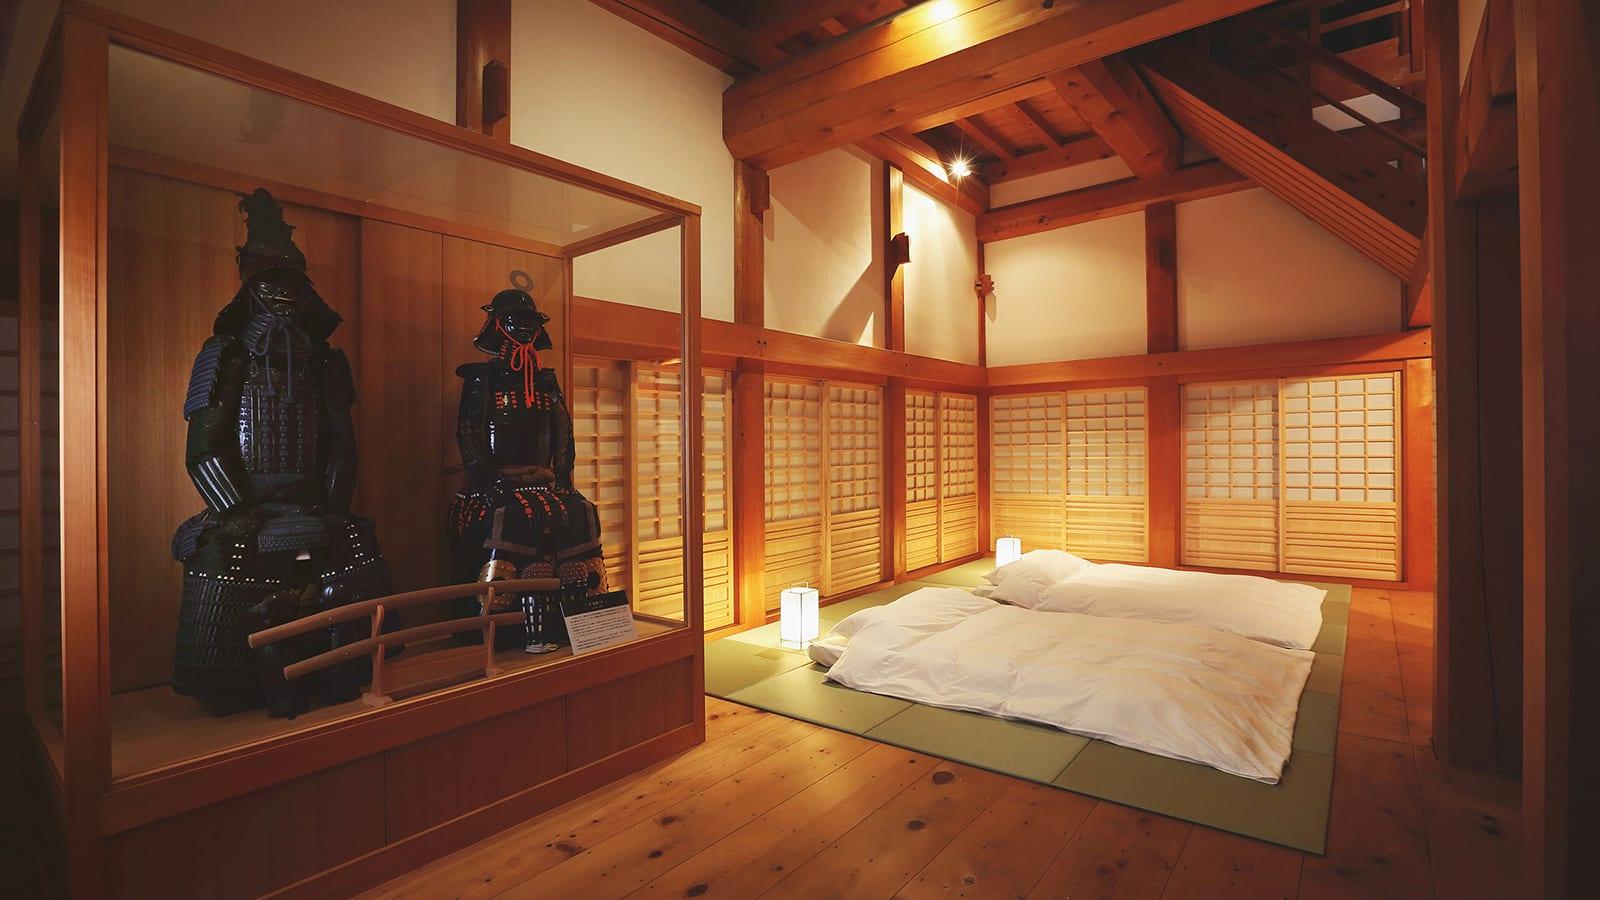 عش كأنك من زعماء القرون الوسطى في هذه القلعة باليابان